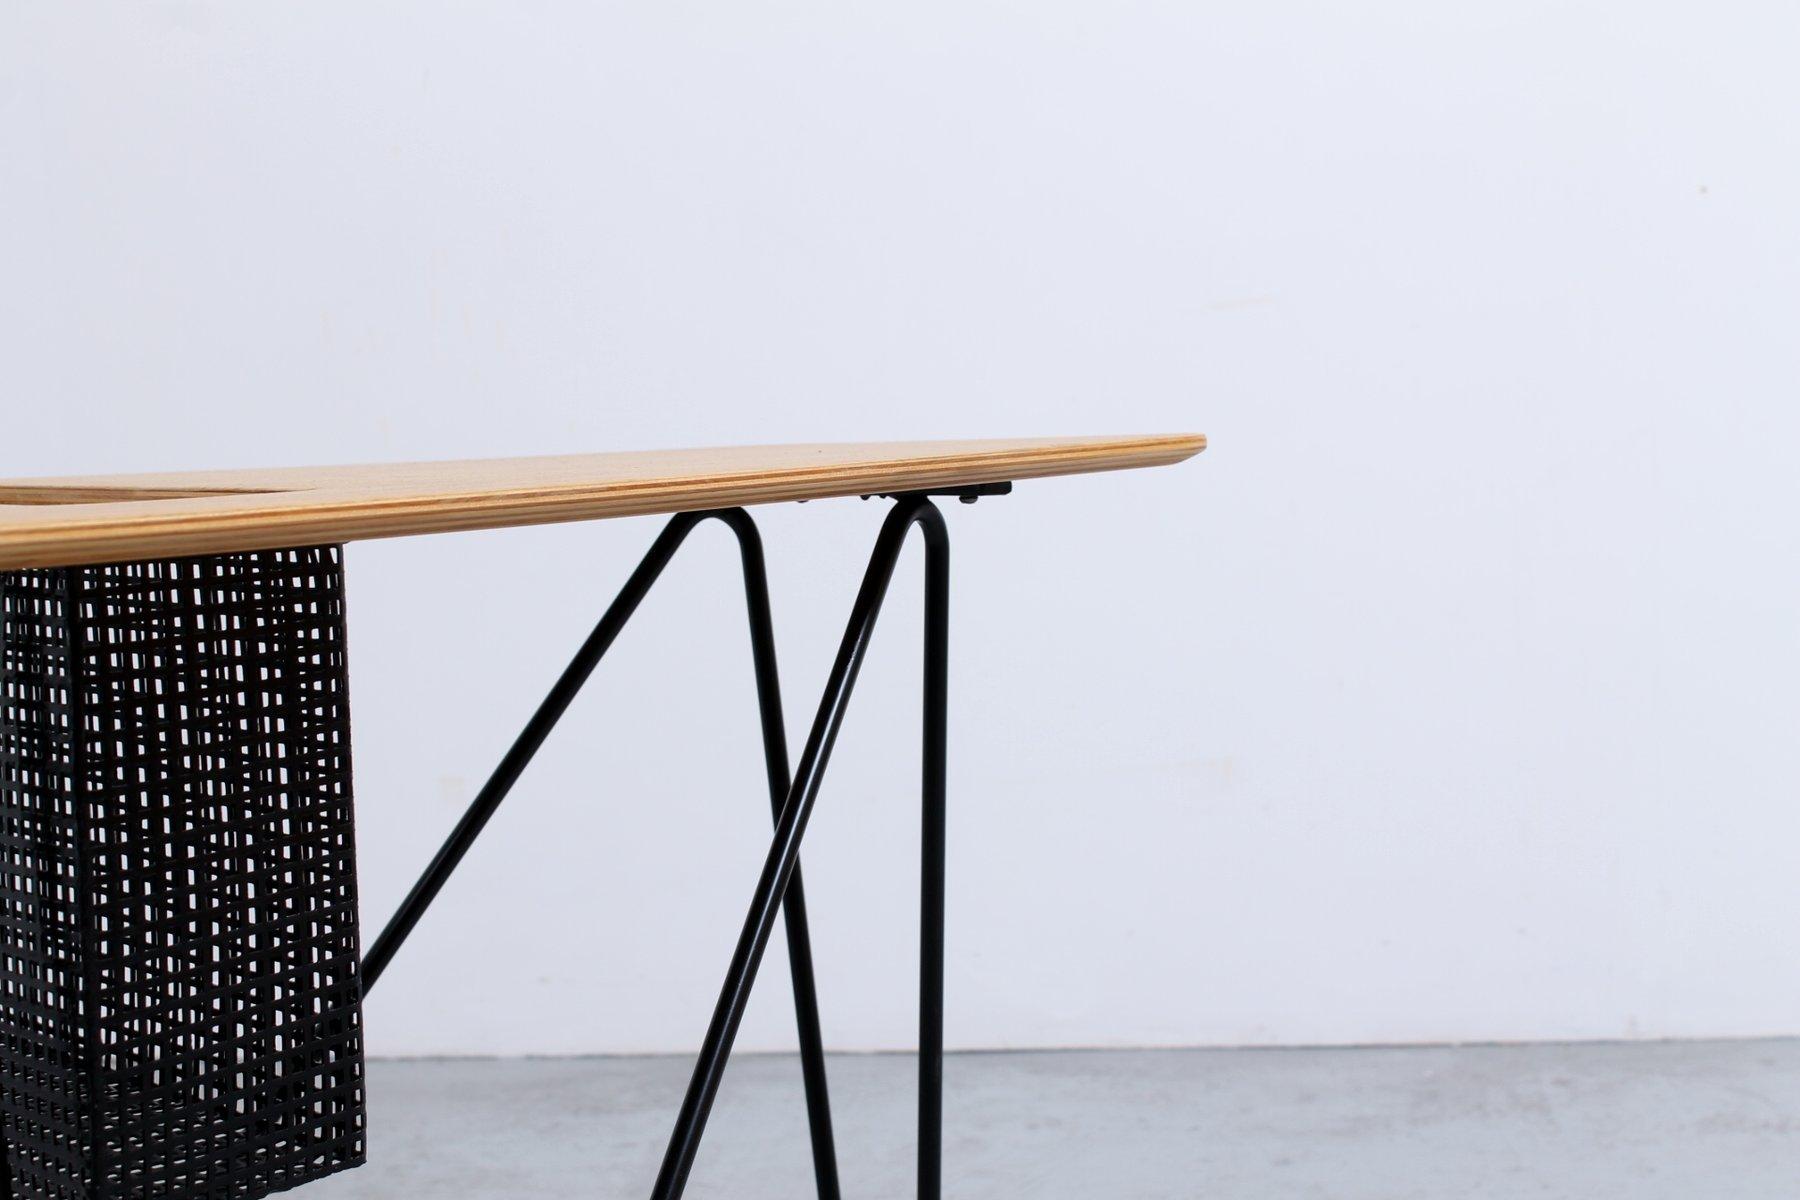 vintage combex series beistelltisch mit zeitungsst nder. Black Bedroom Furniture Sets. Home Design Ideas